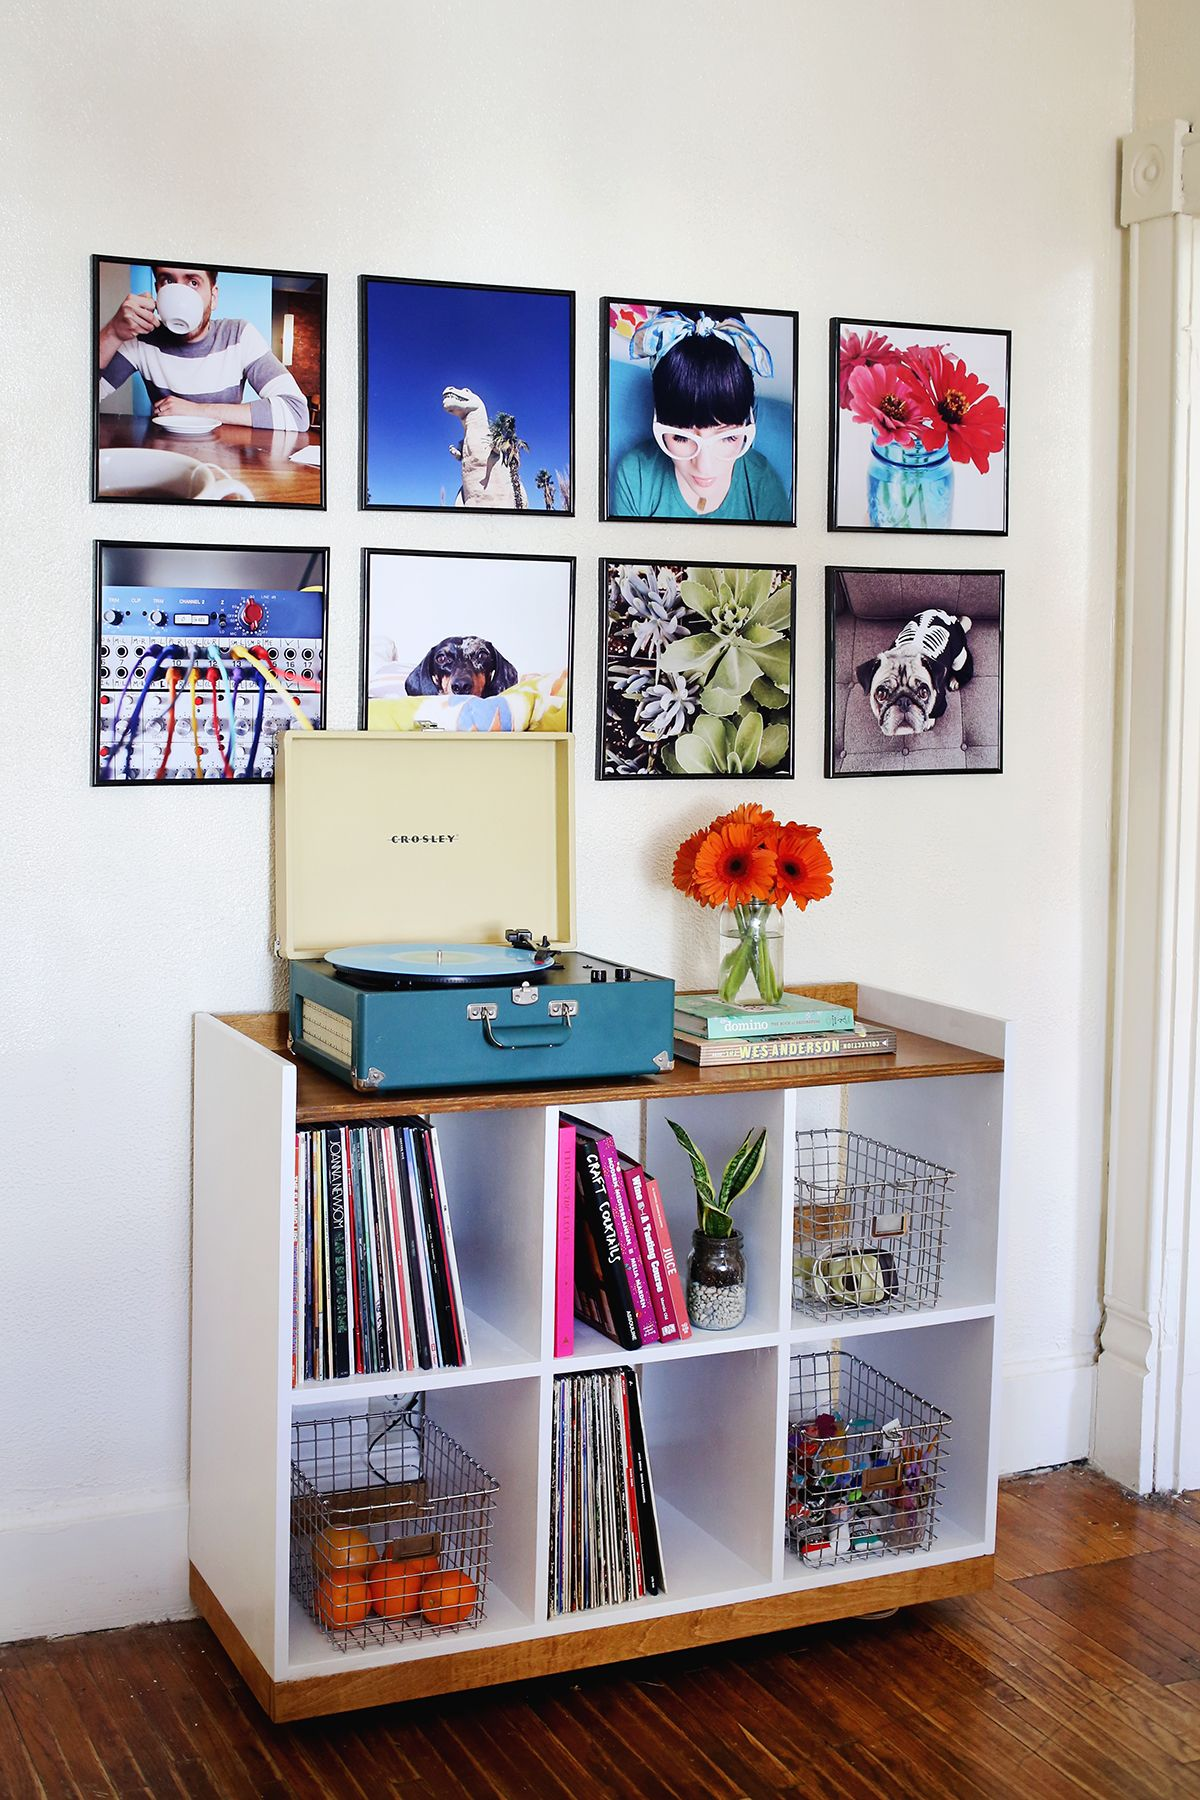 20 Creative Ways to Display Photos